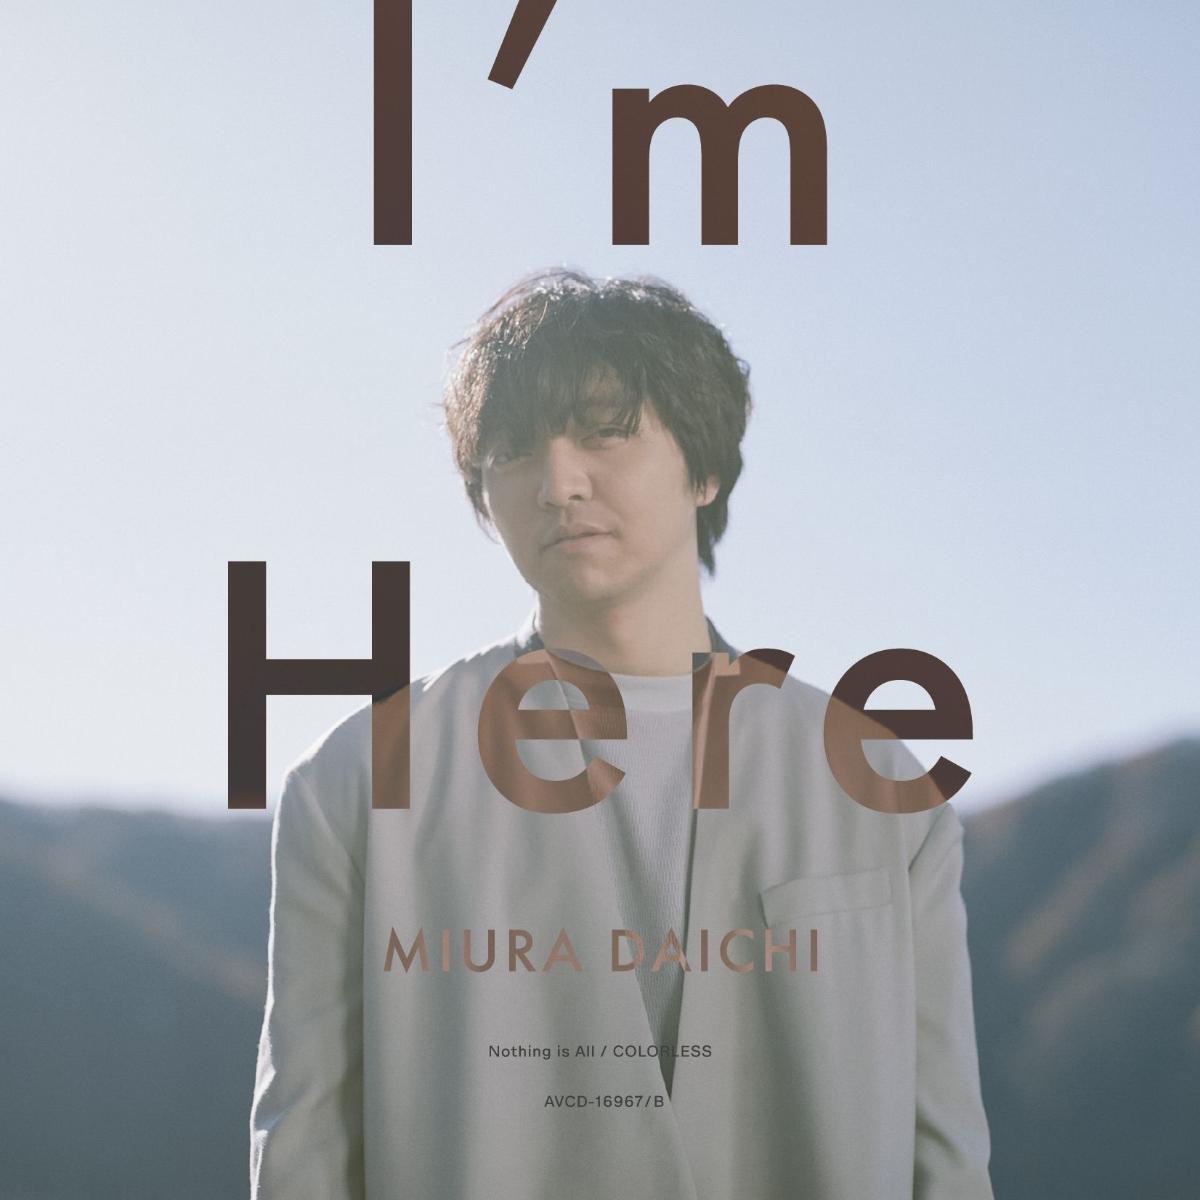 三浦大知 【先着特典】I'm Here (CD+Blu-ray) (オリジナルステッカー(2種セット) 付き)